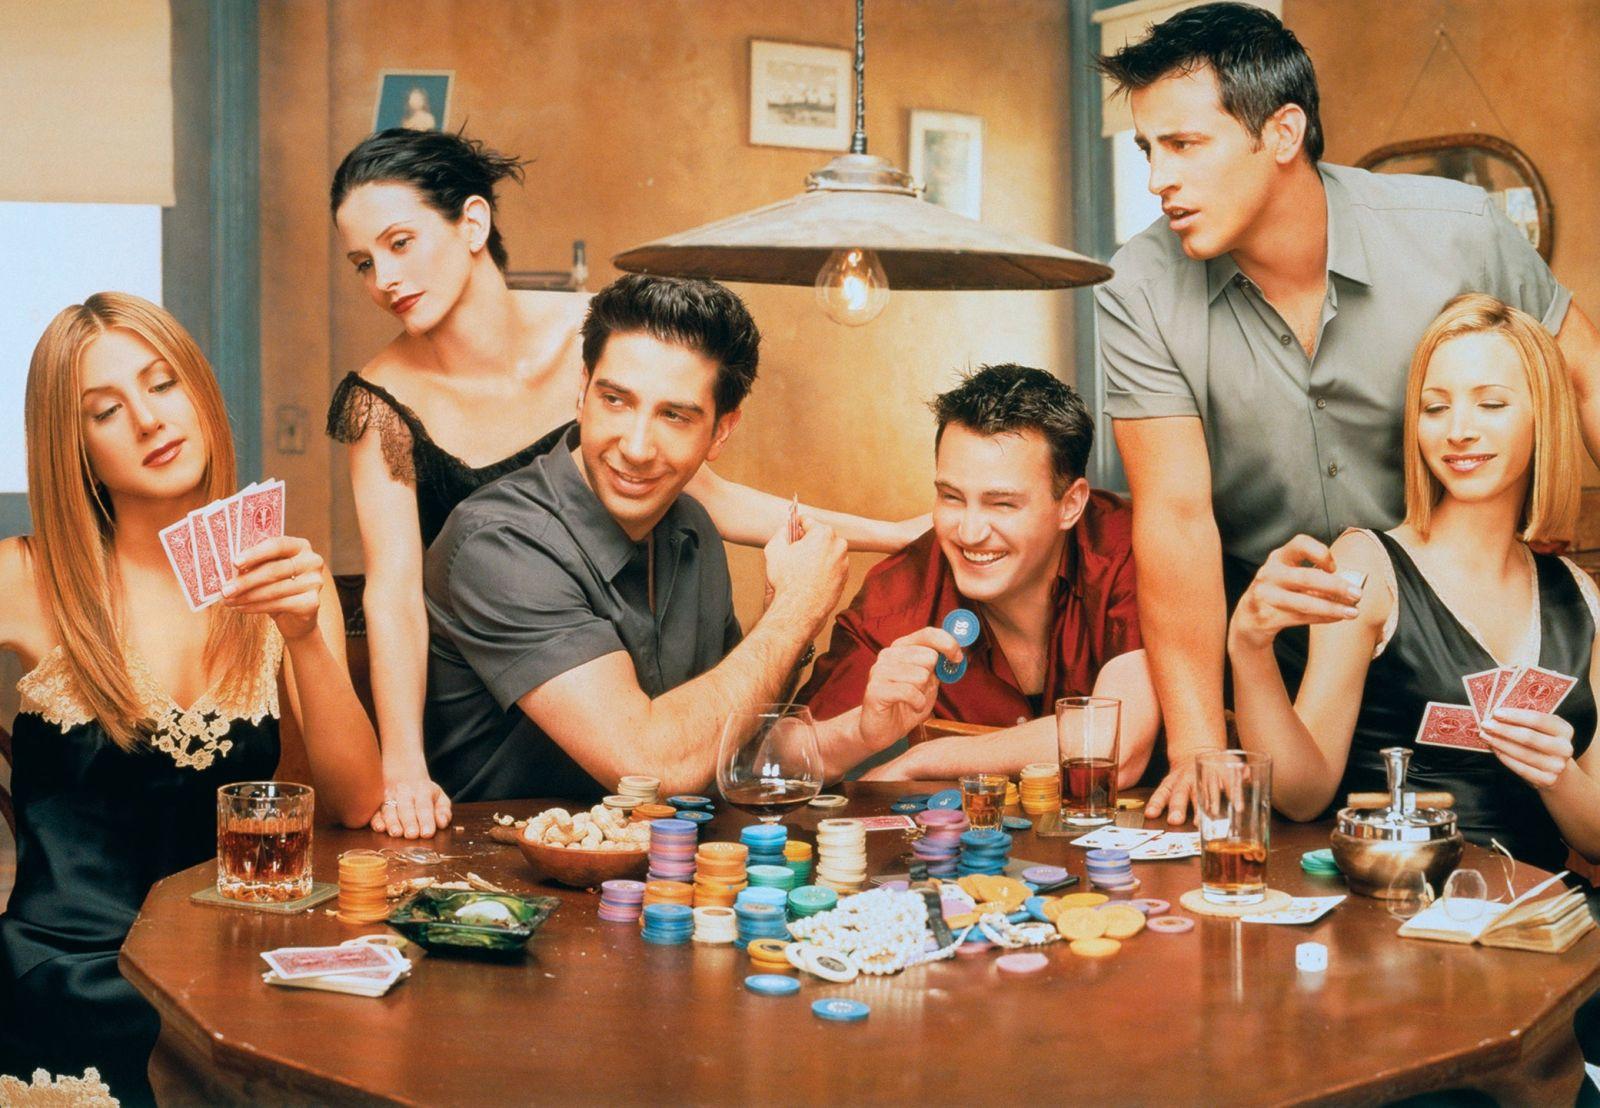 Εσείς ξέρετε γιατί το διαμέρισμα της Monica στα Friends είχε μωβ χρώμα;